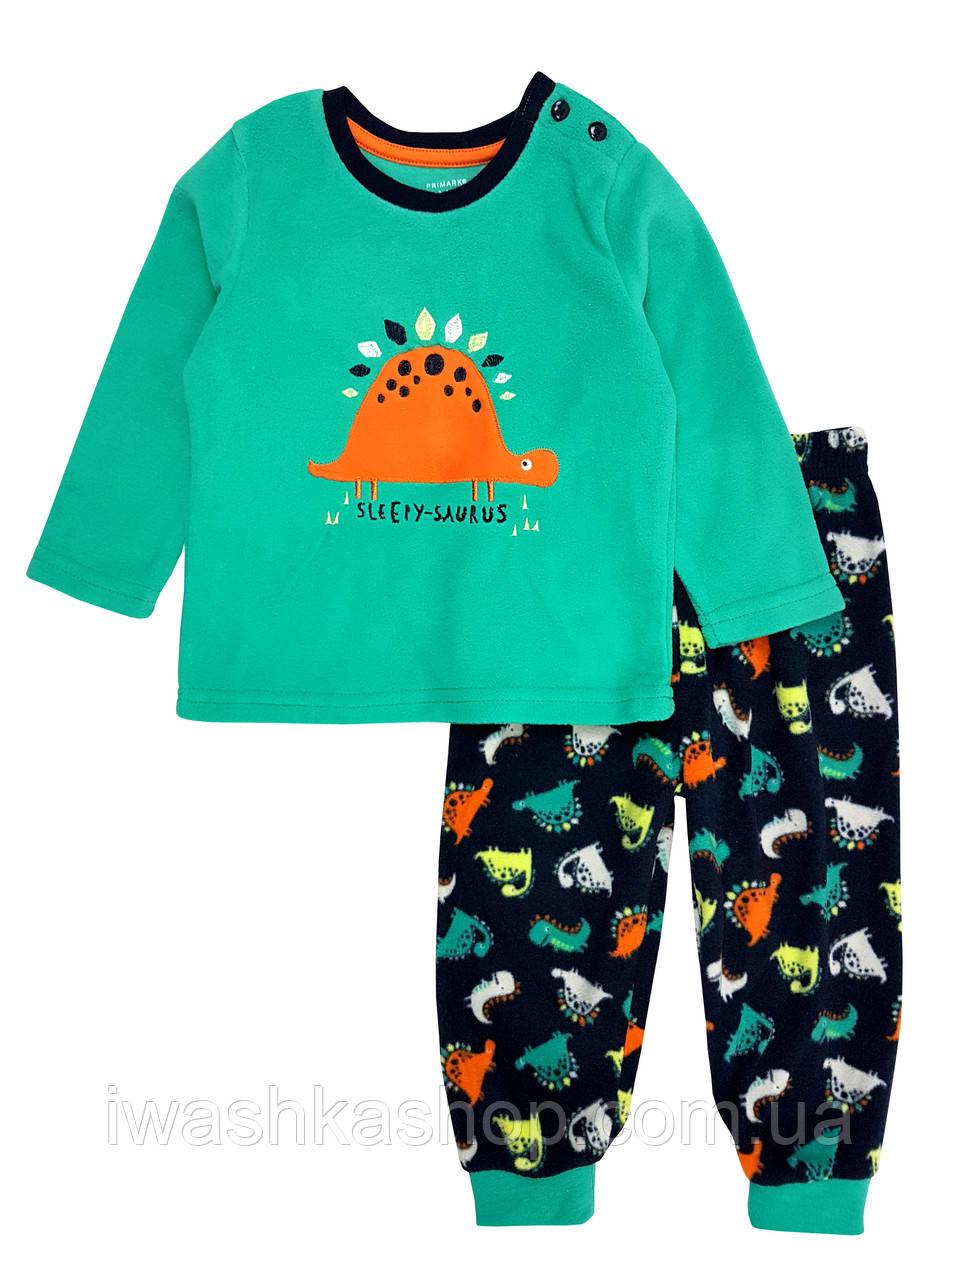 Тепла флісова піжама з динозавром на хлопчика 1 - 1,5 роки, р. 86, Primark